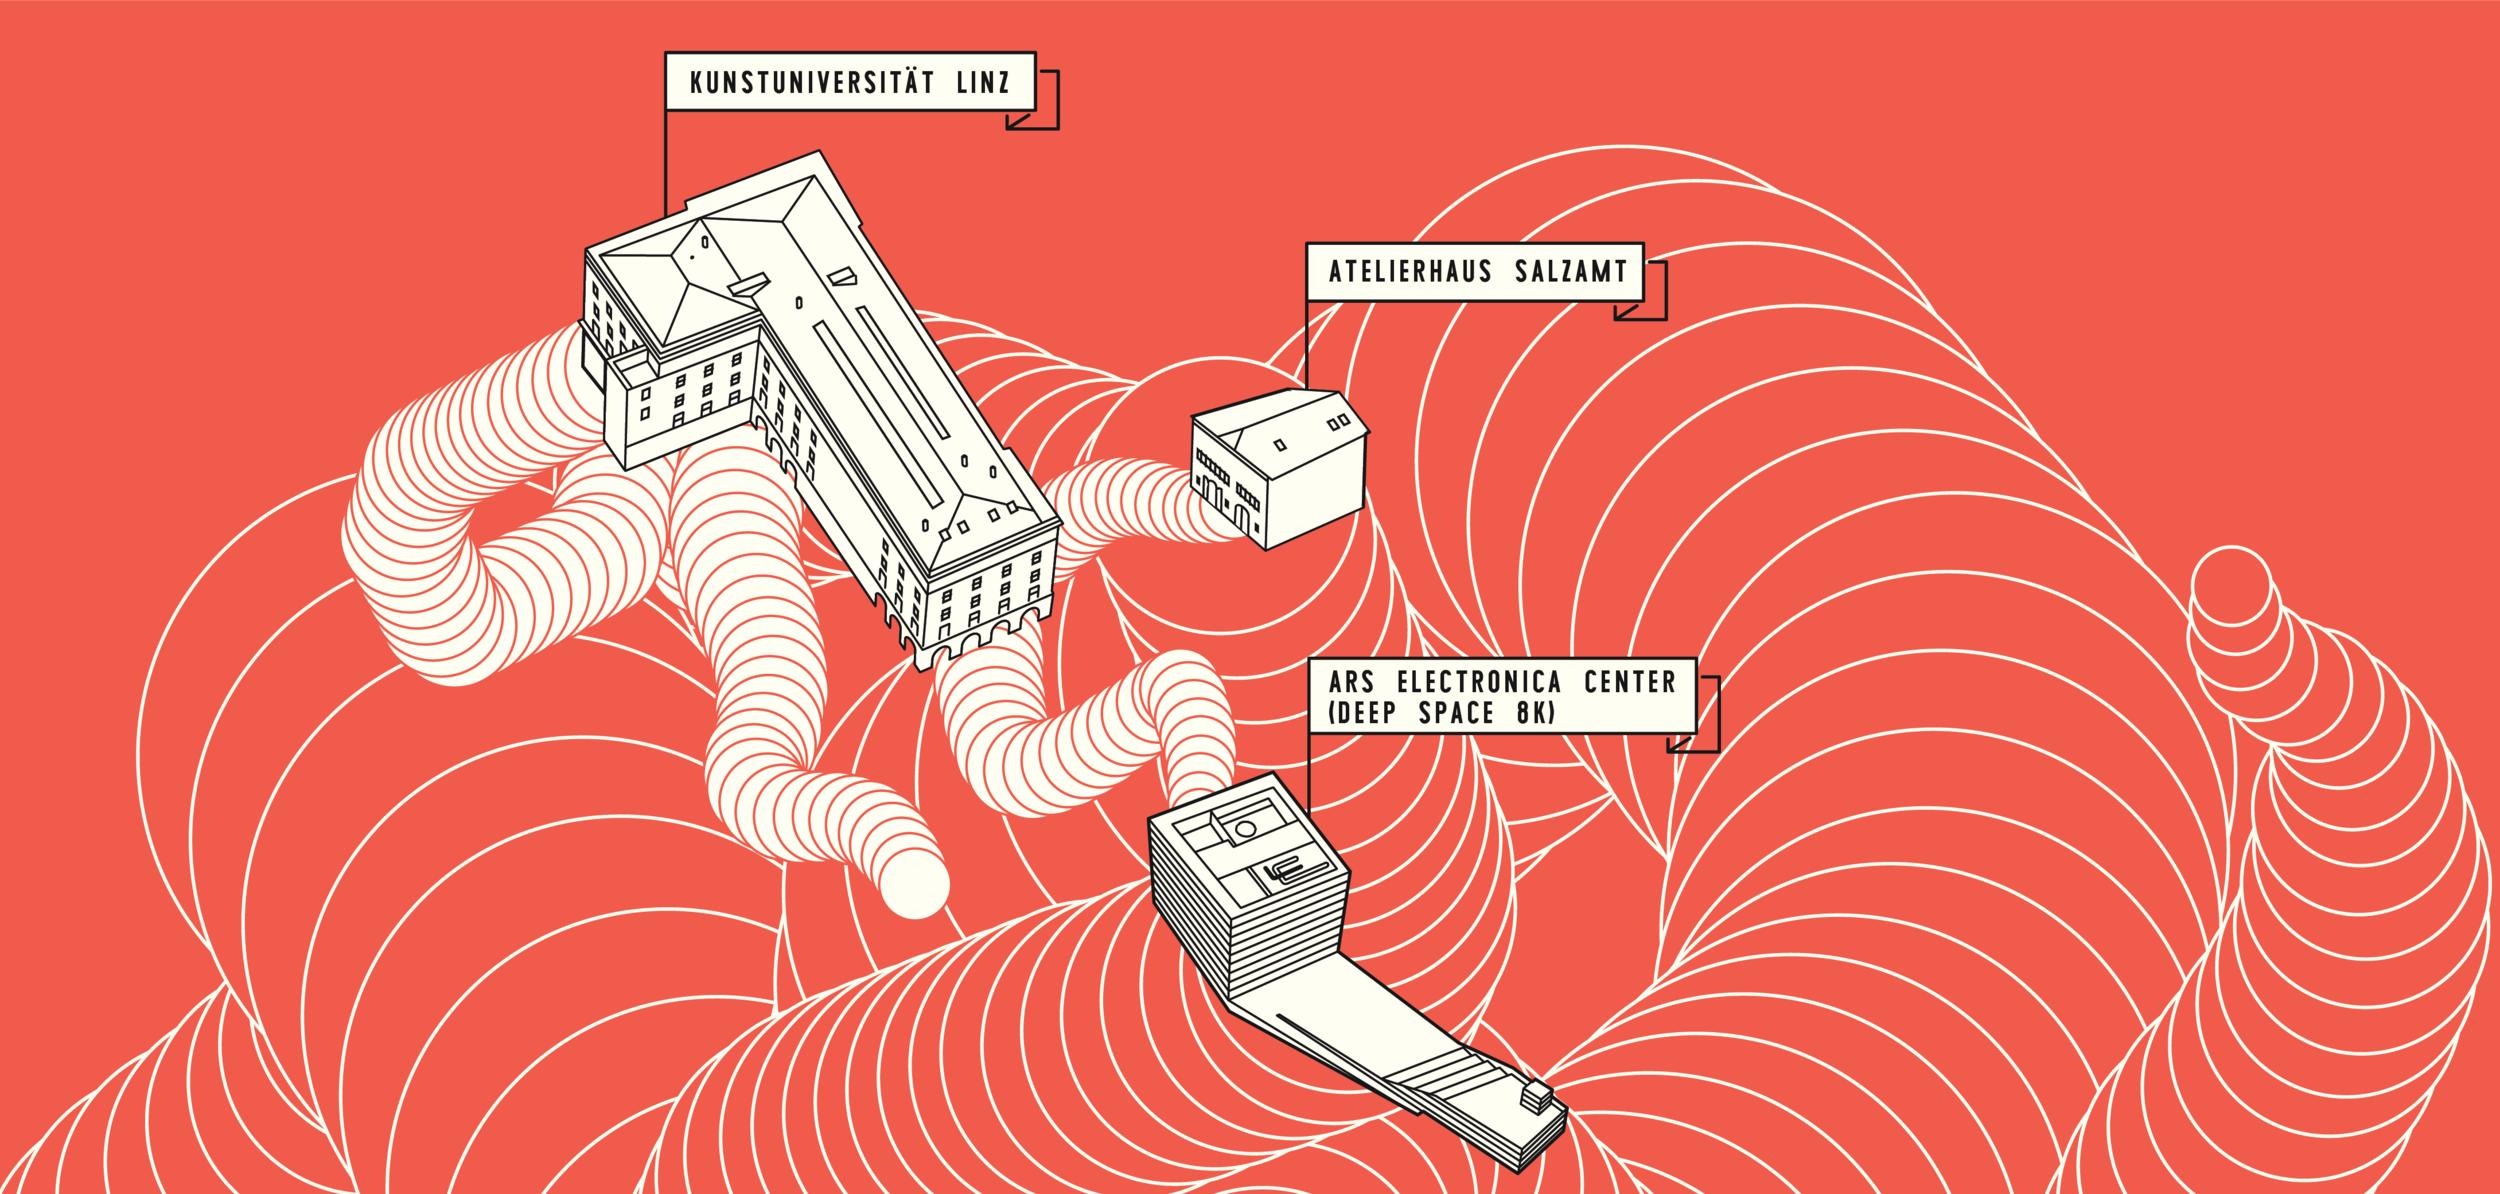 Hexagram - Taking Care, Ars Electronica, LinzSeptember 6 - 10, 2018